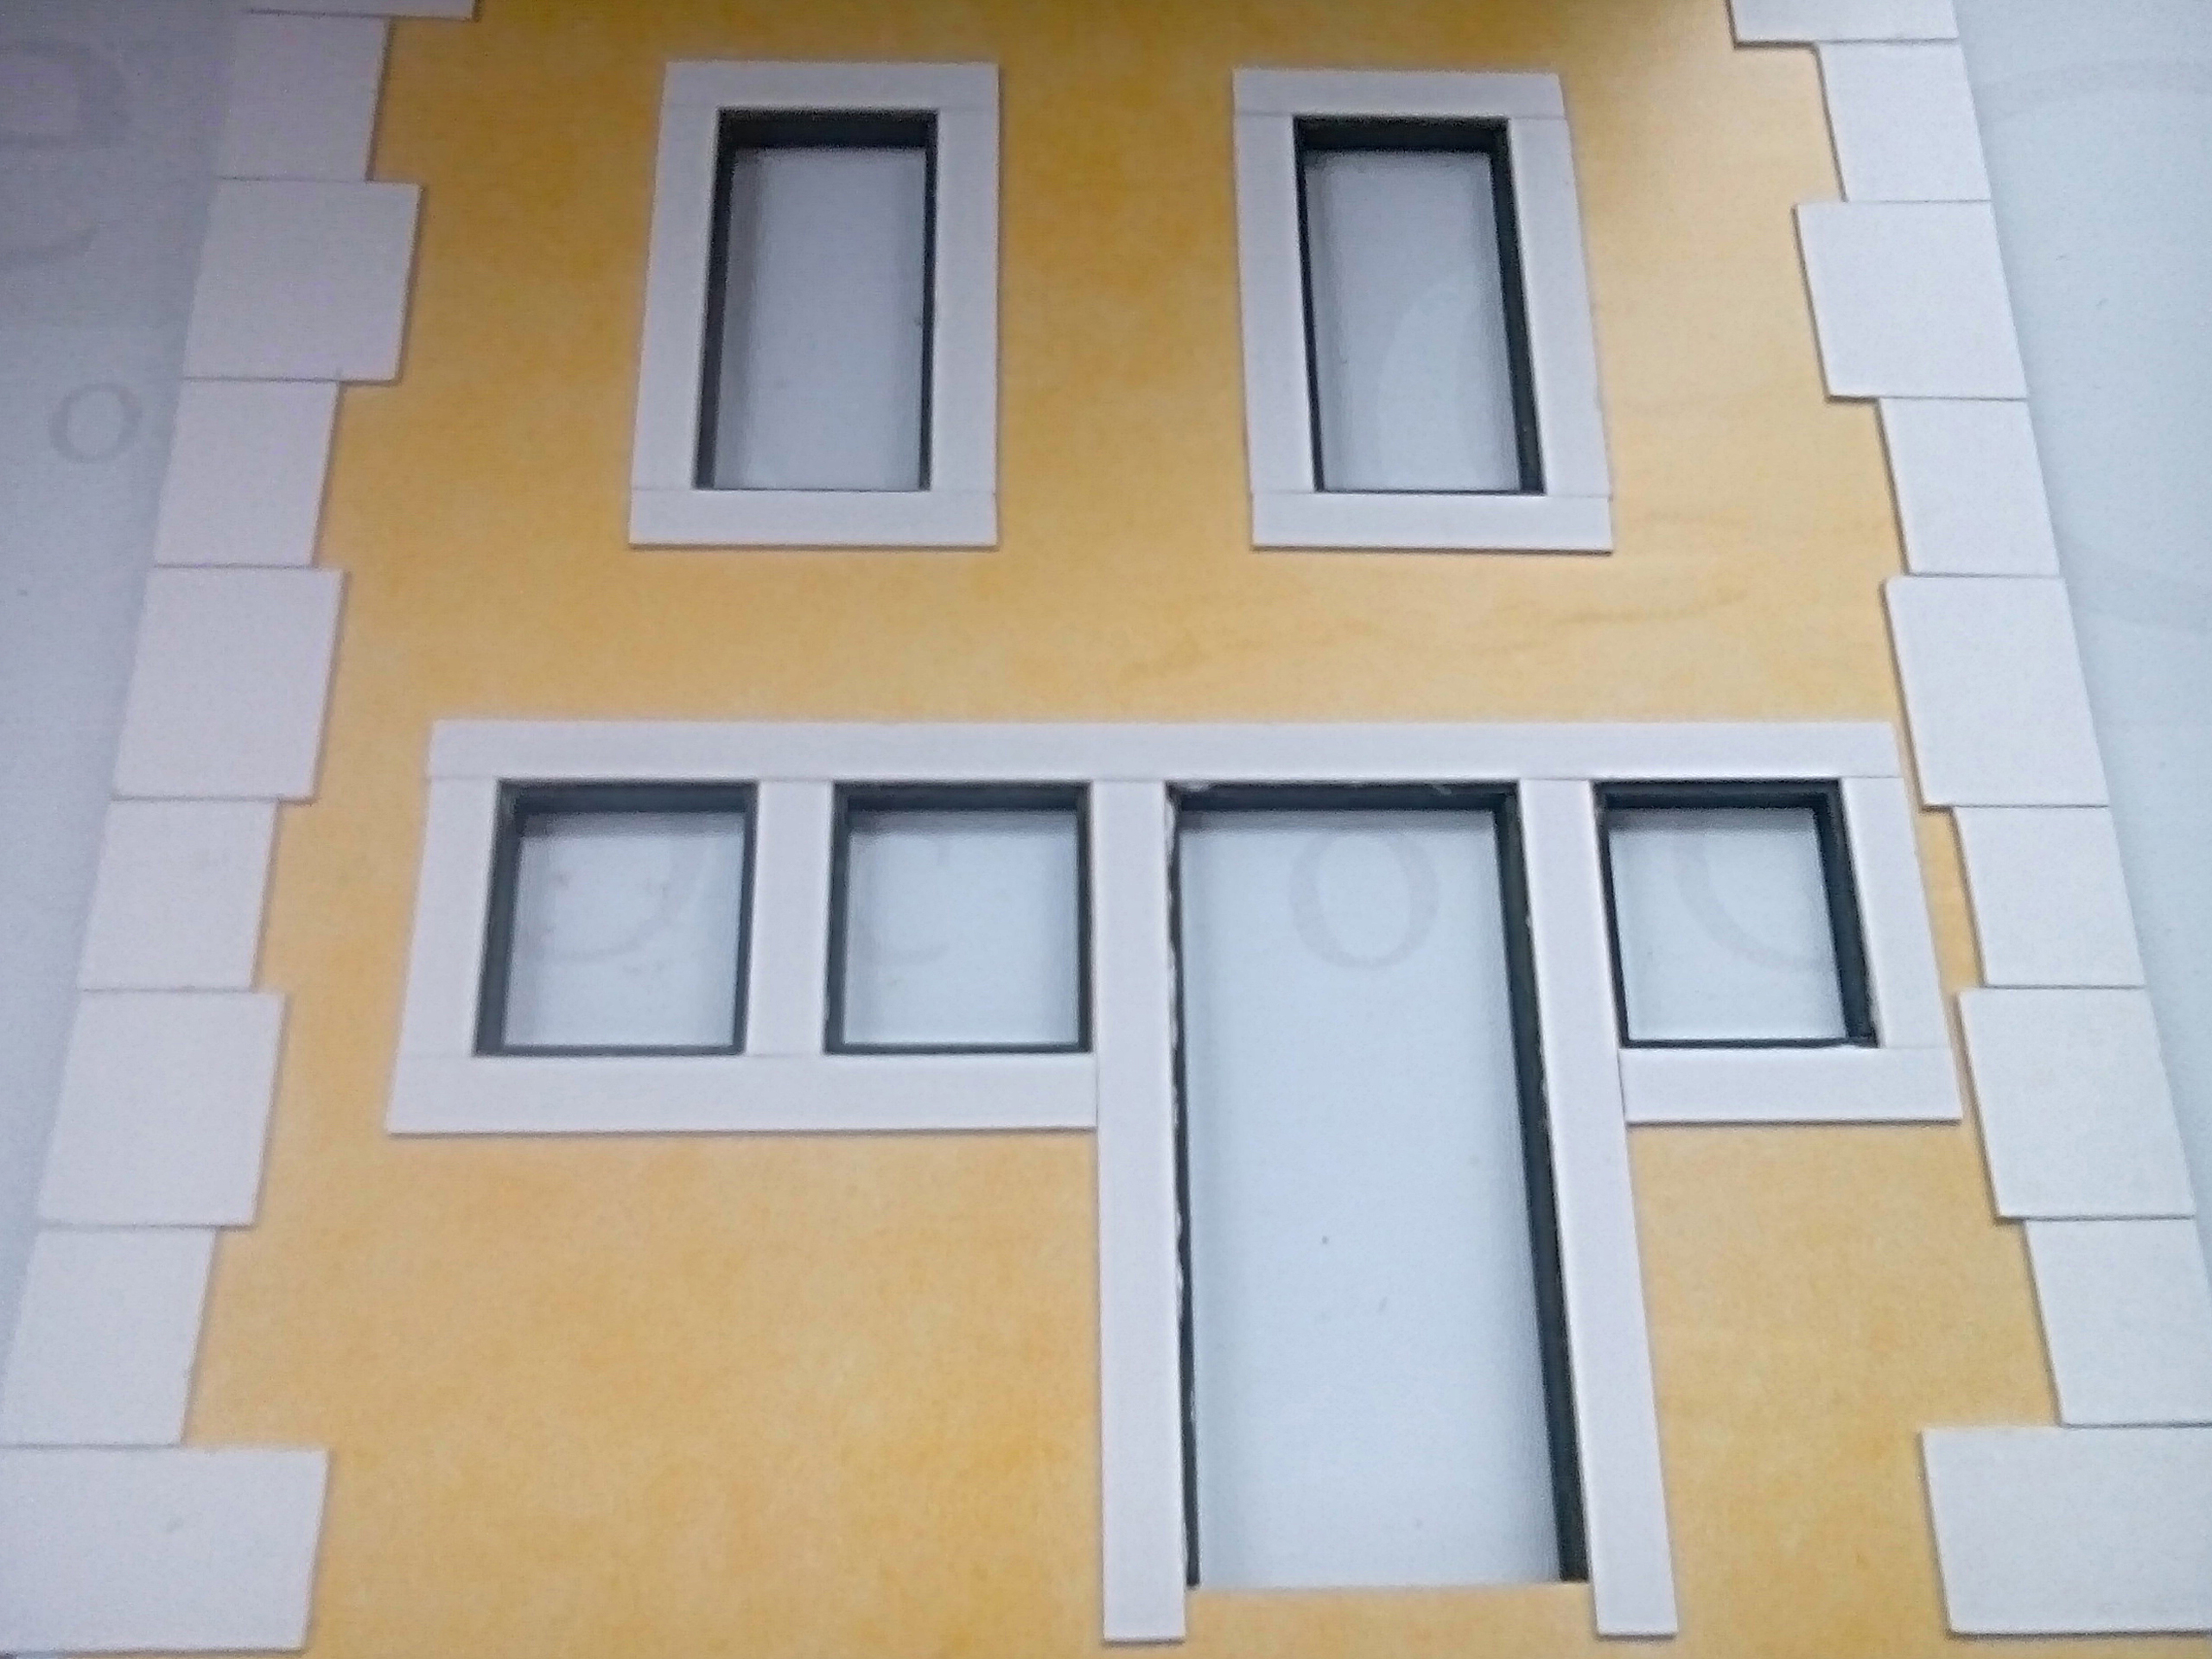 Marcos-ventanas-21